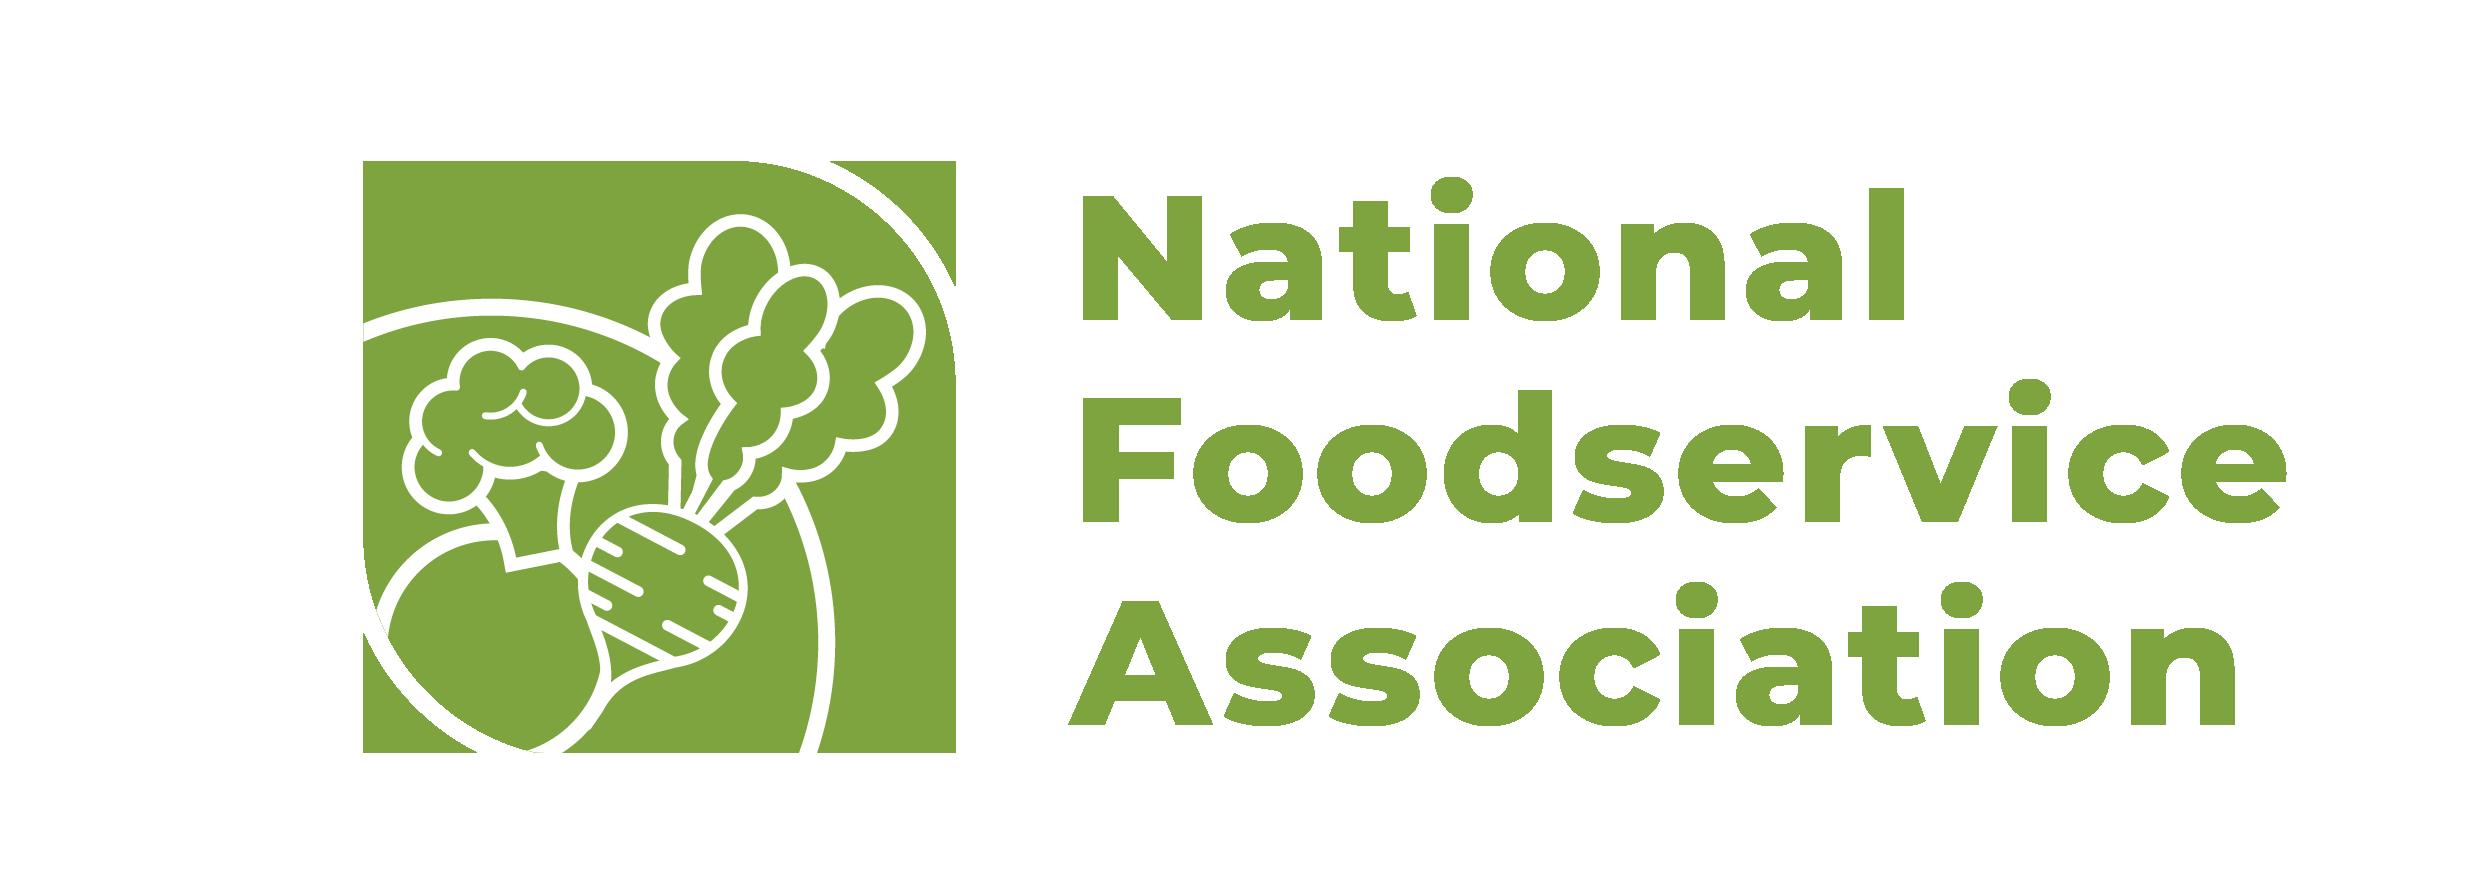 Національна асоціація громадського харчування